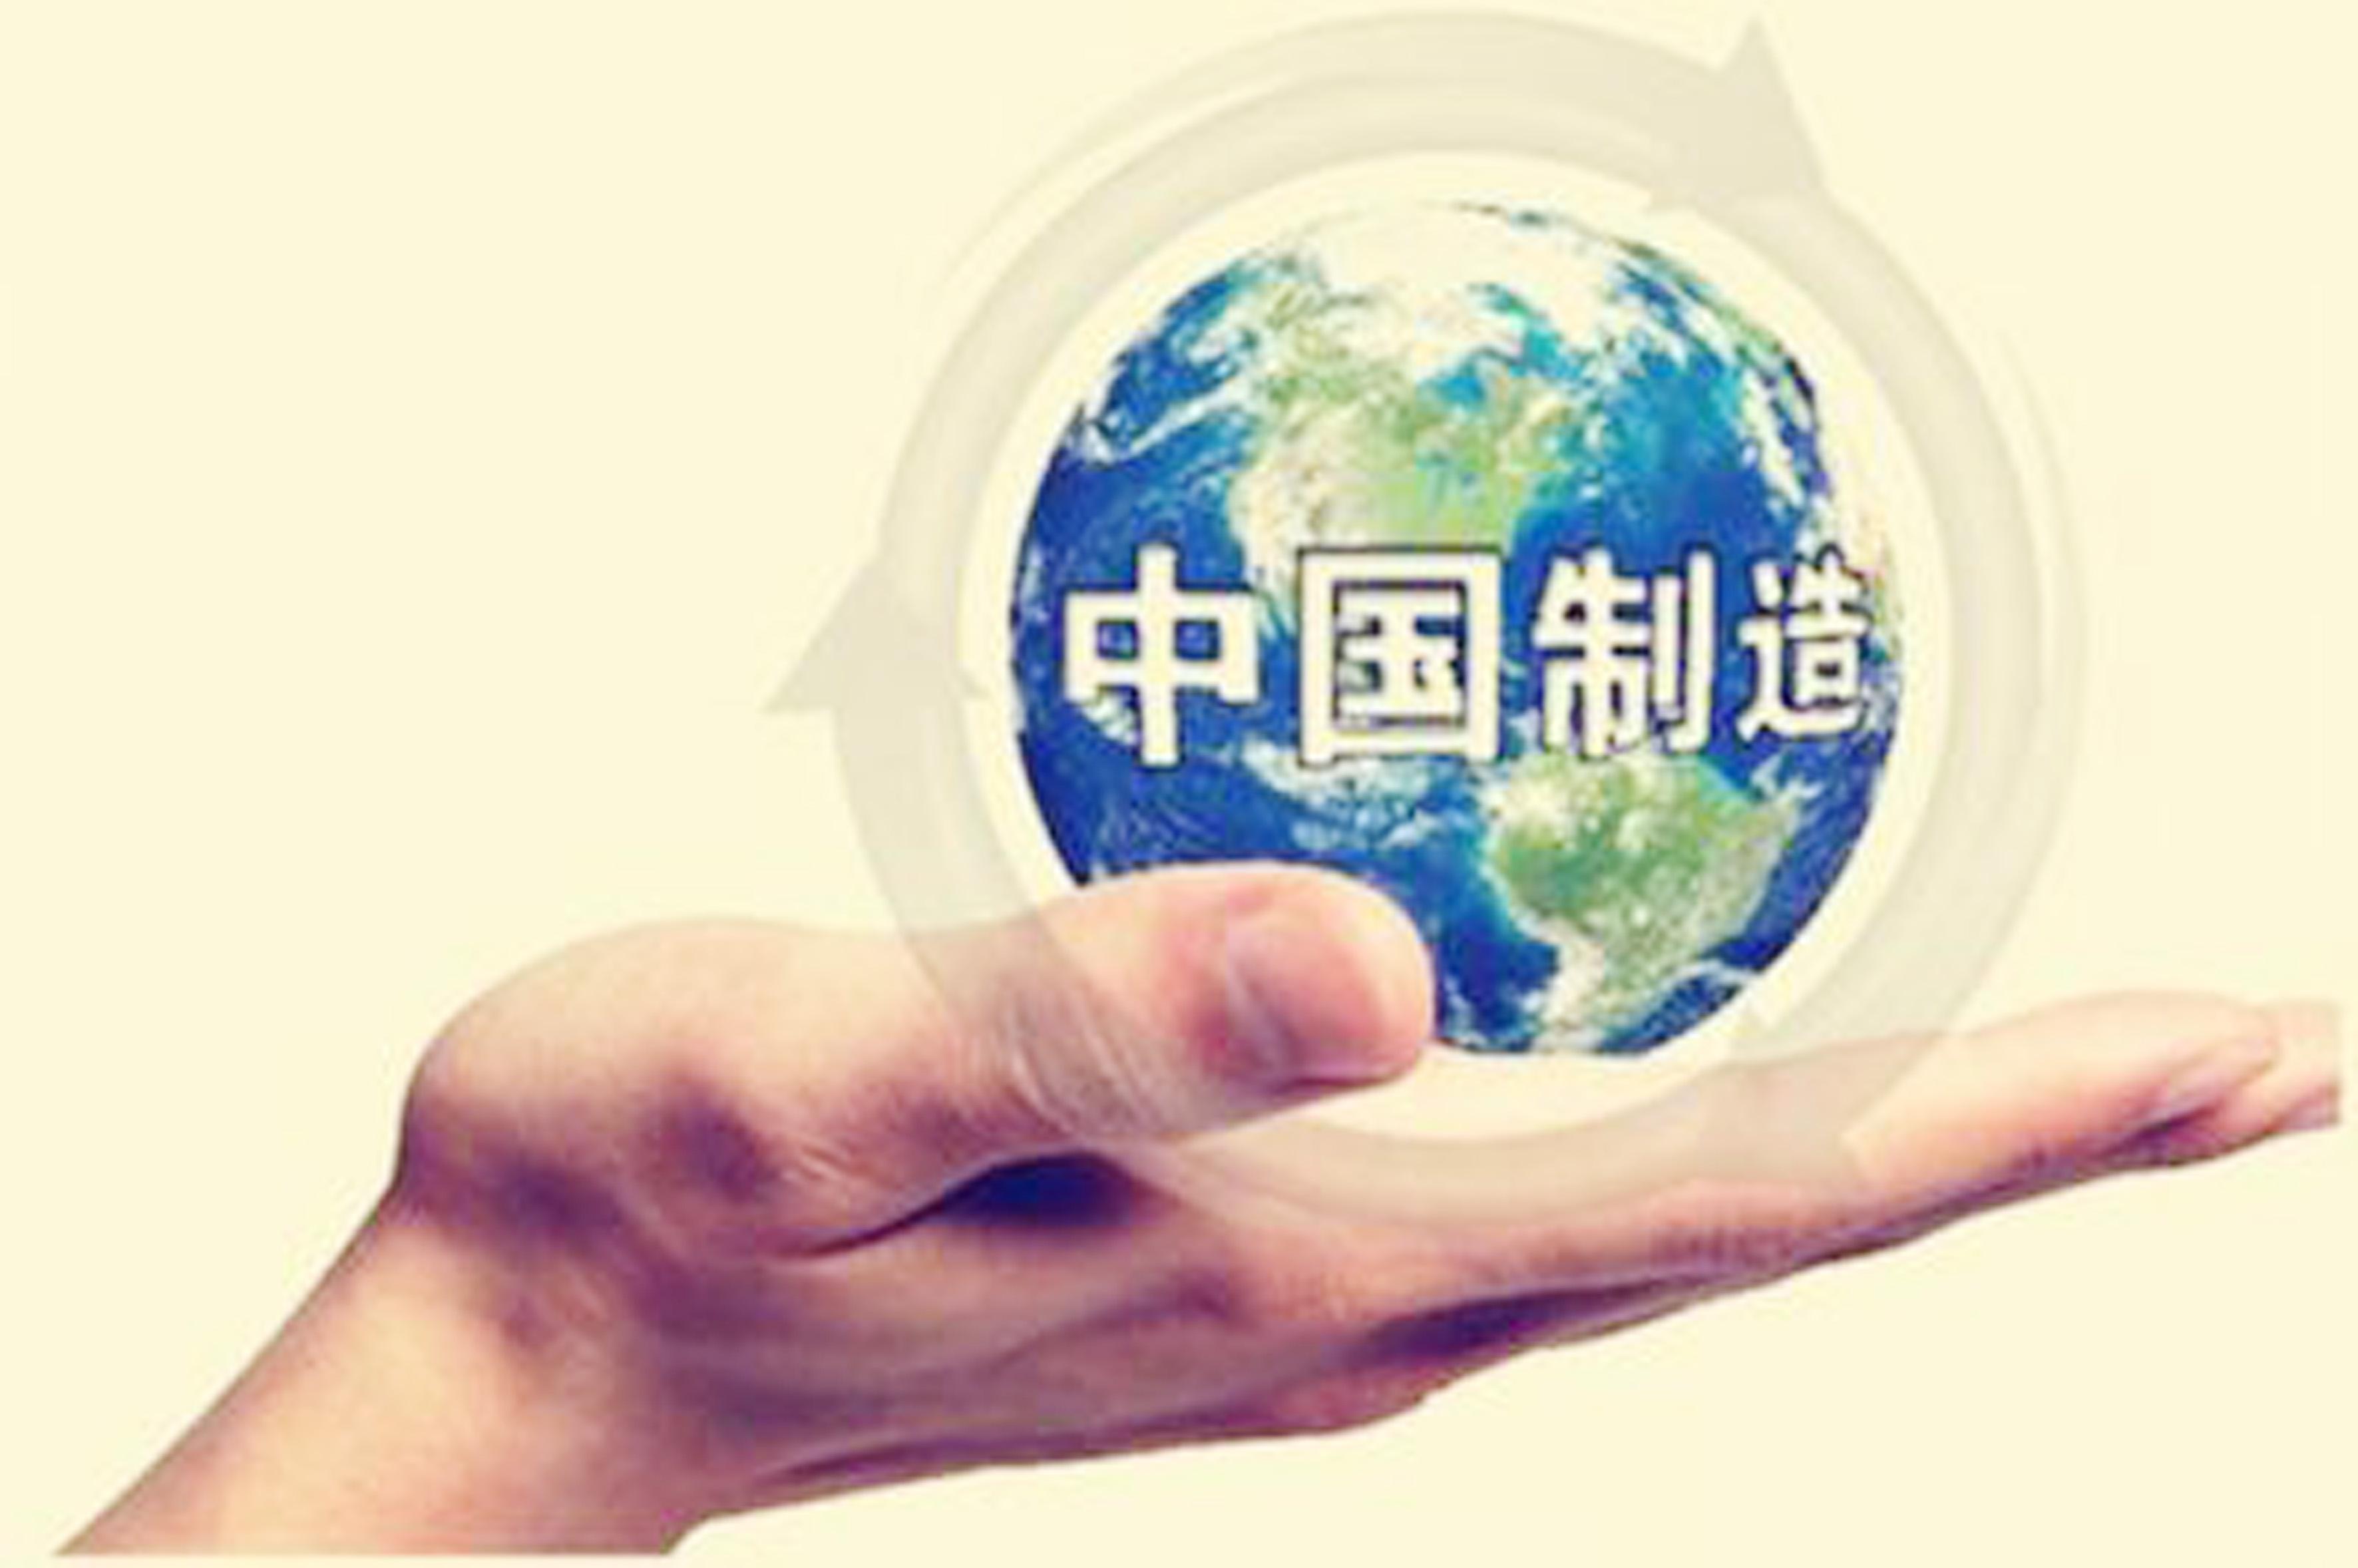 中国制造业转型升级的发展状况究竟如何